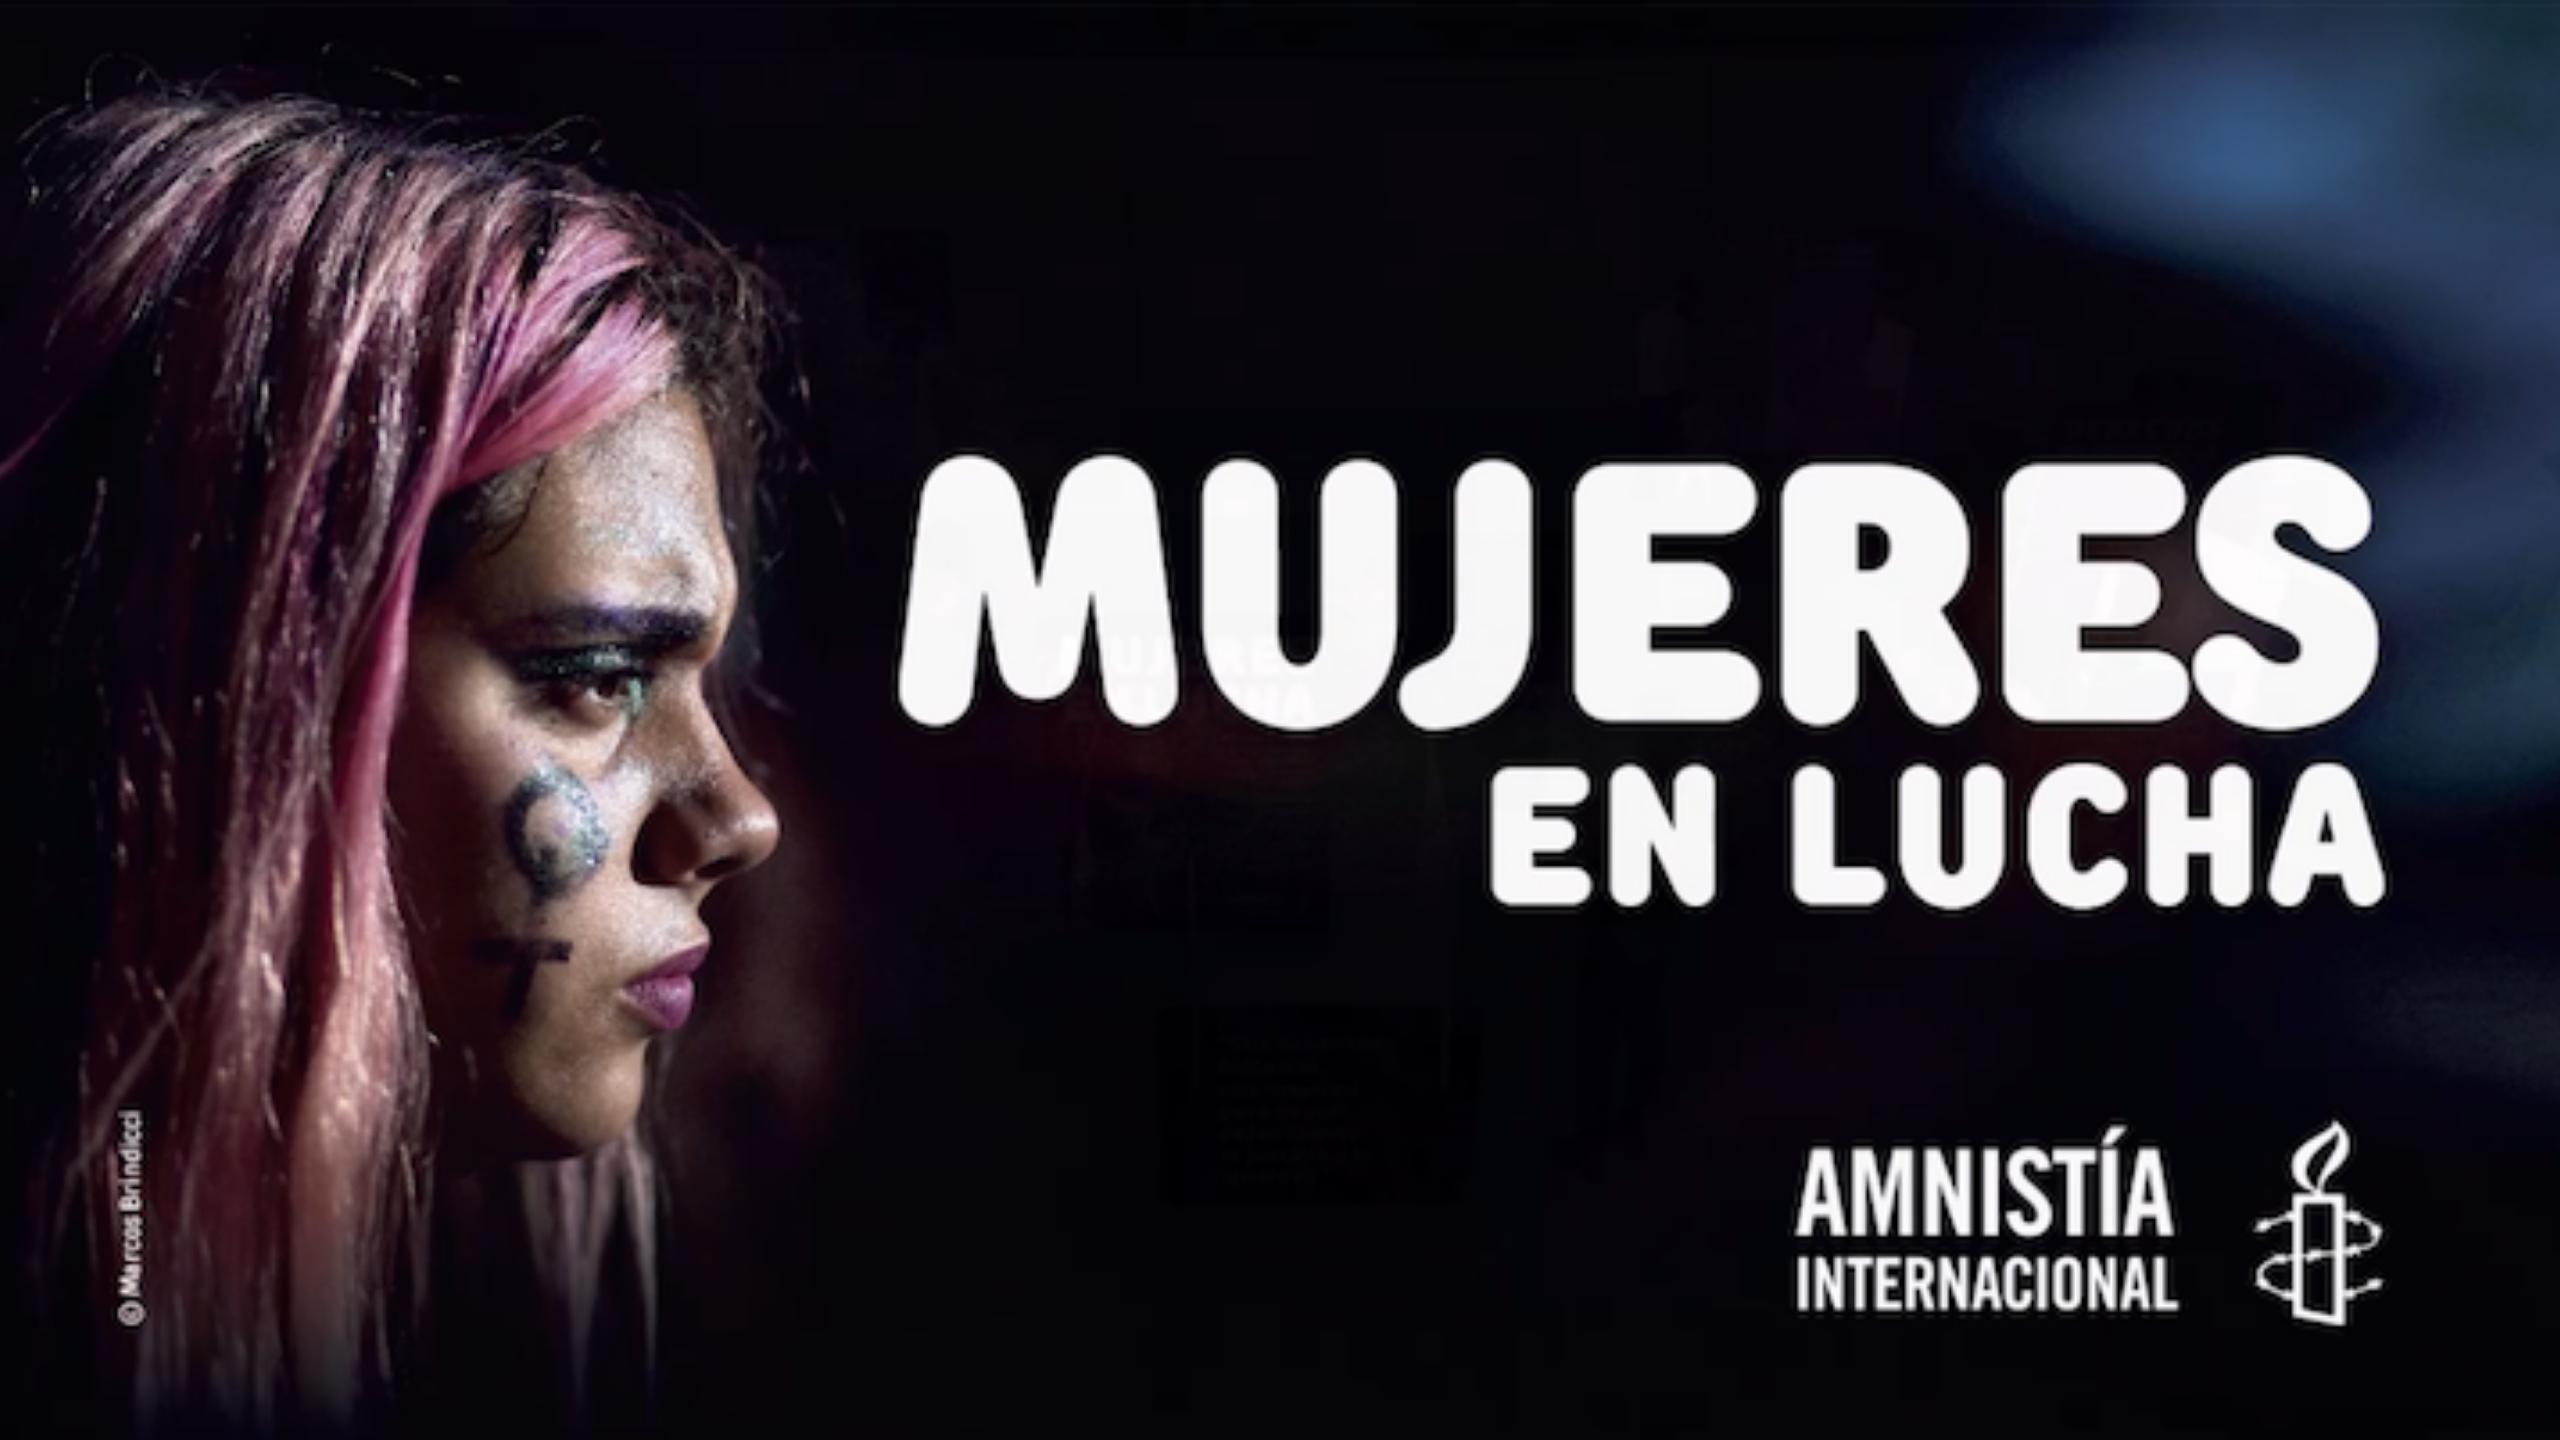 Metro Bilbao y la Universidad de Deusto ofrecen la exposición «Mujeres en lucha» con motivo del 8M